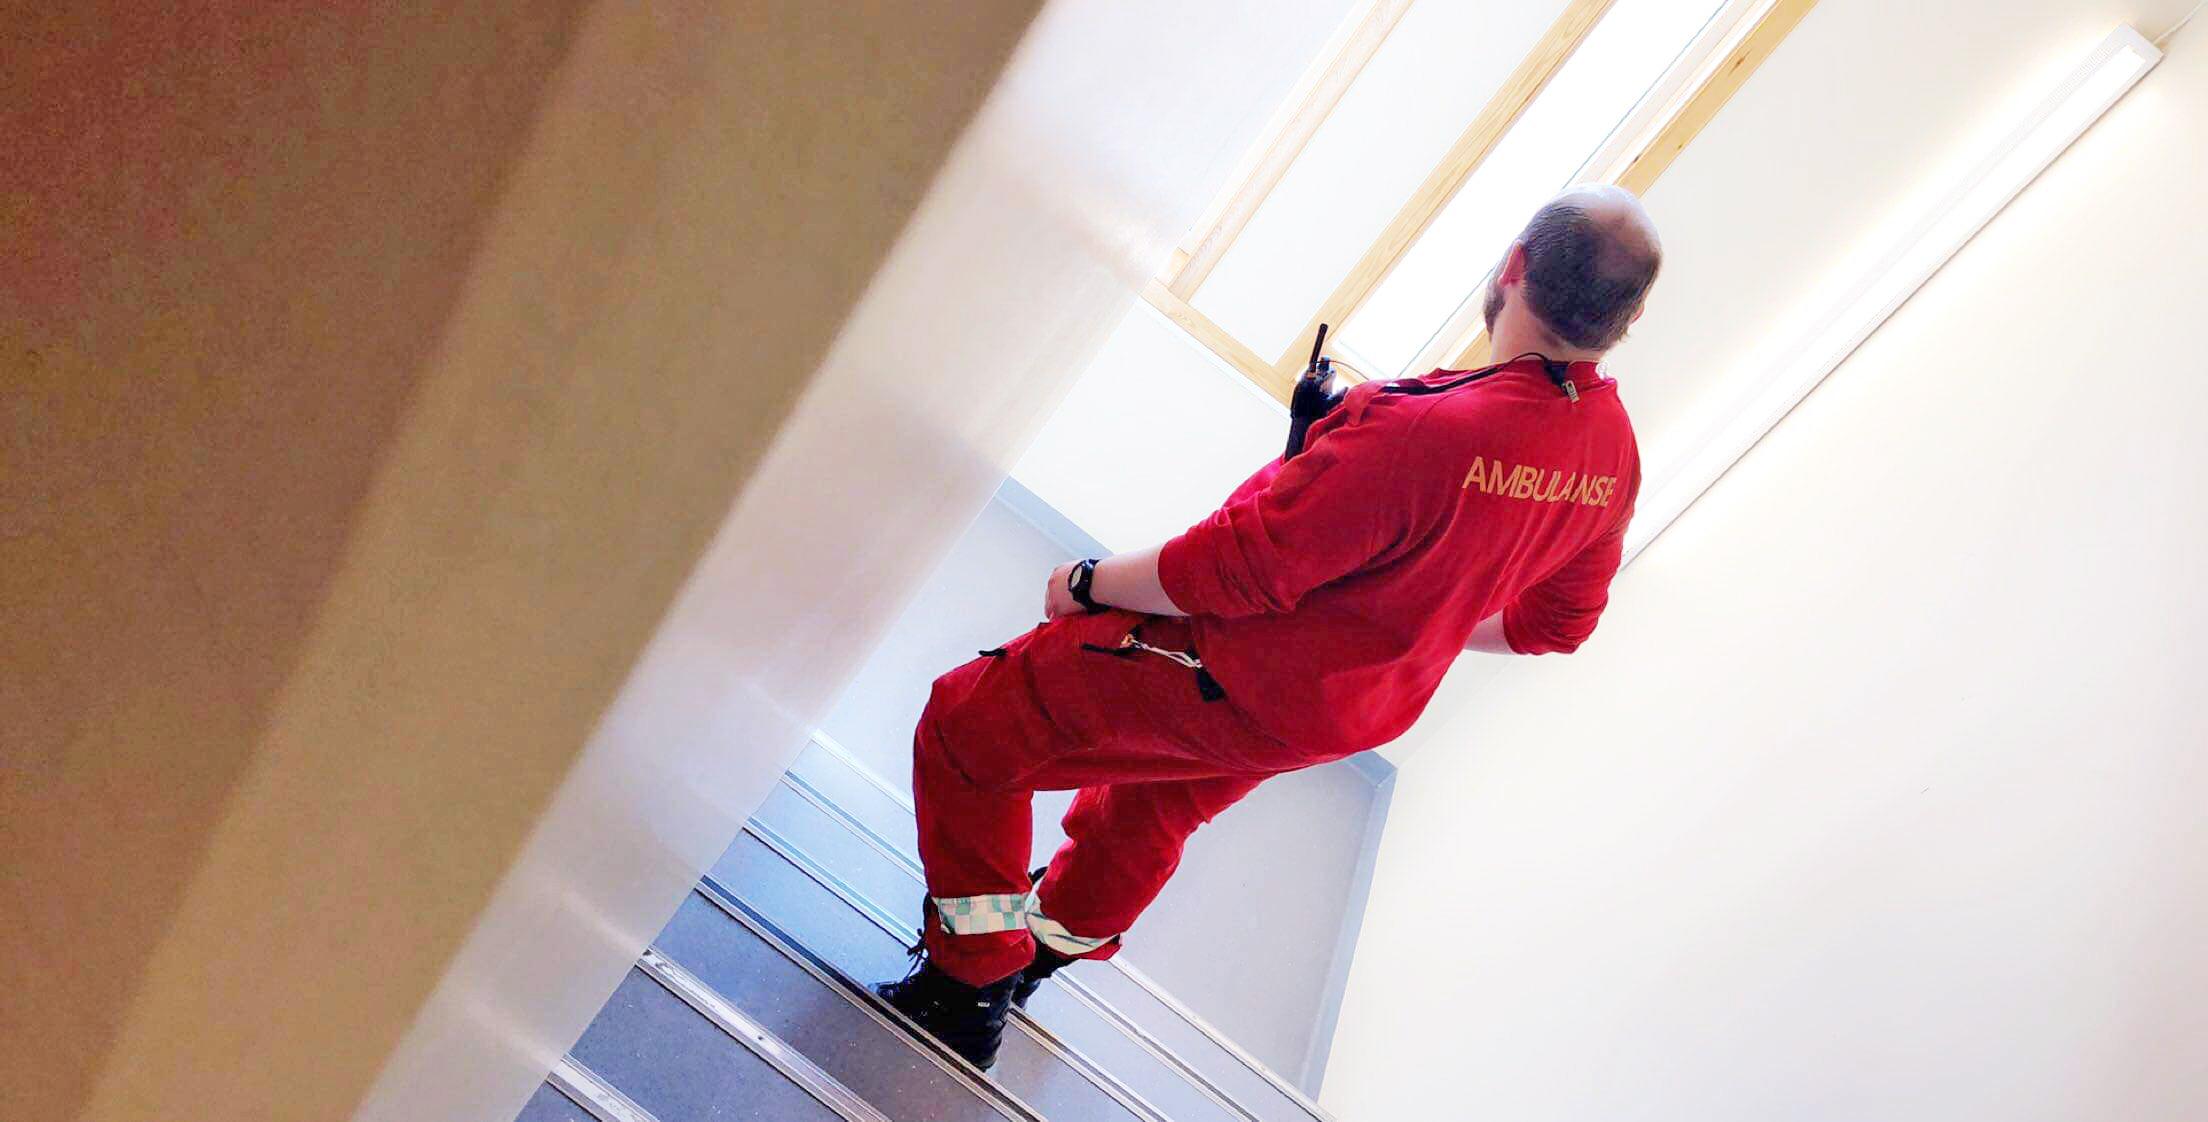 Bilde av David Andersen som er ambulansearbeider, på vei ned trappen - Cingulum